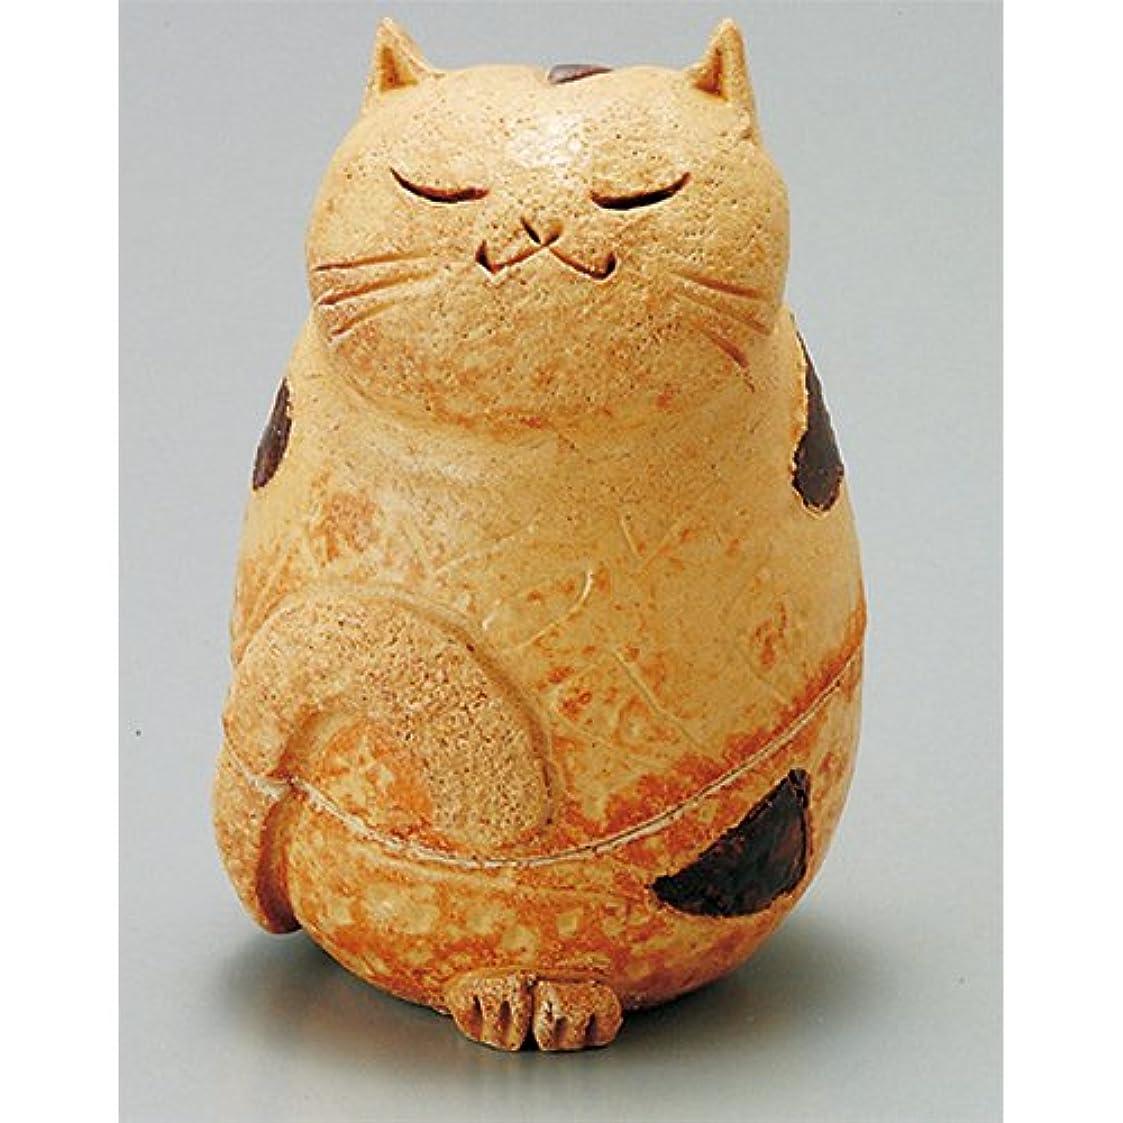 島ねこ 島ねこ 香炉(茶) [H11.5cm] HANDMADE プレゼント ギフト 和食器 かわいい インテリア